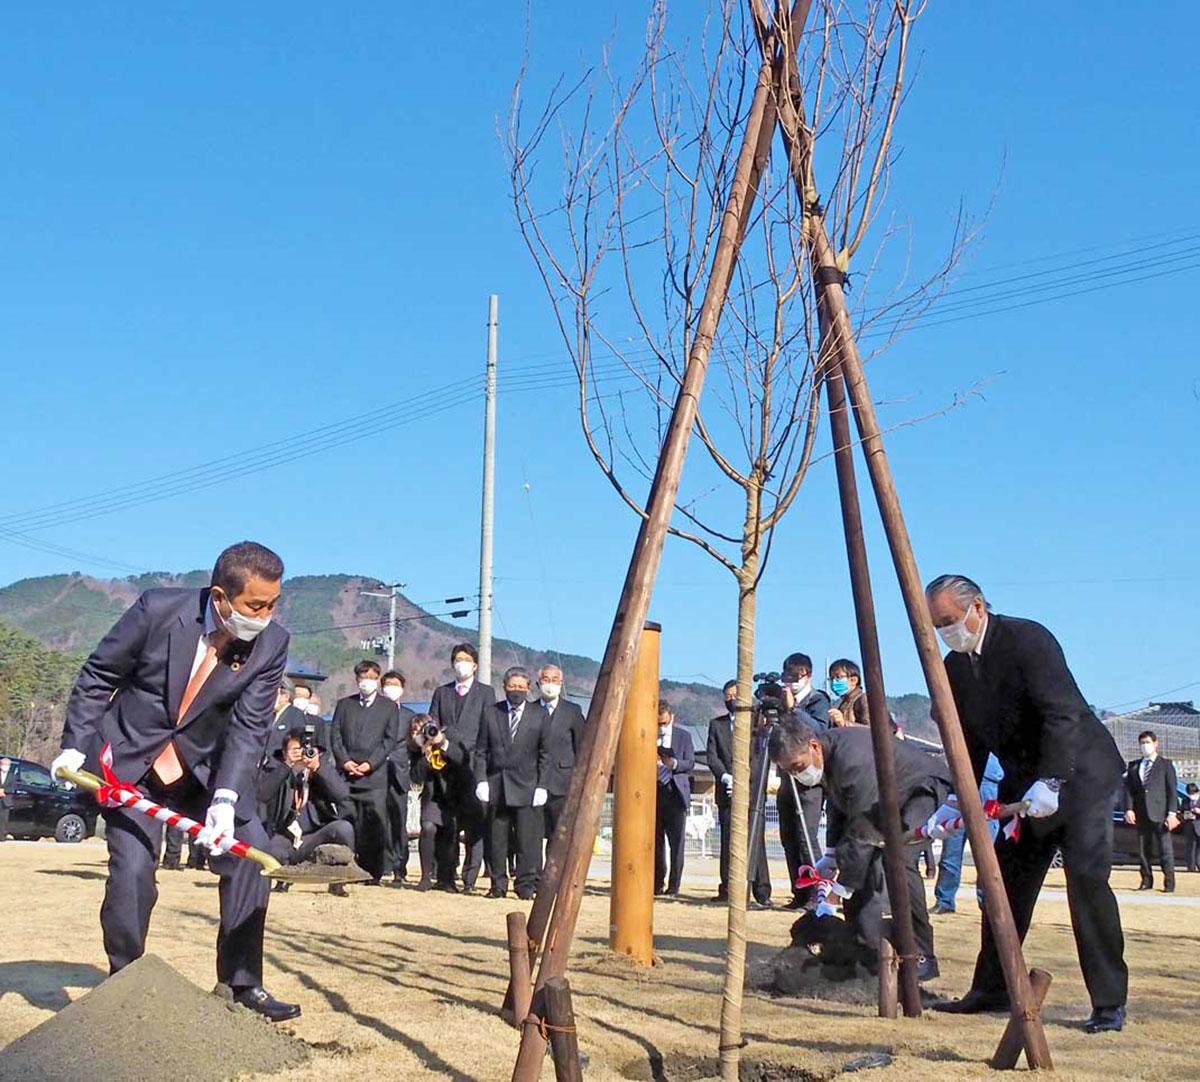 平田地区に完成した「なみたき公園」で桜を植える鈴木東海市長(左)、野田釜石市長(右)